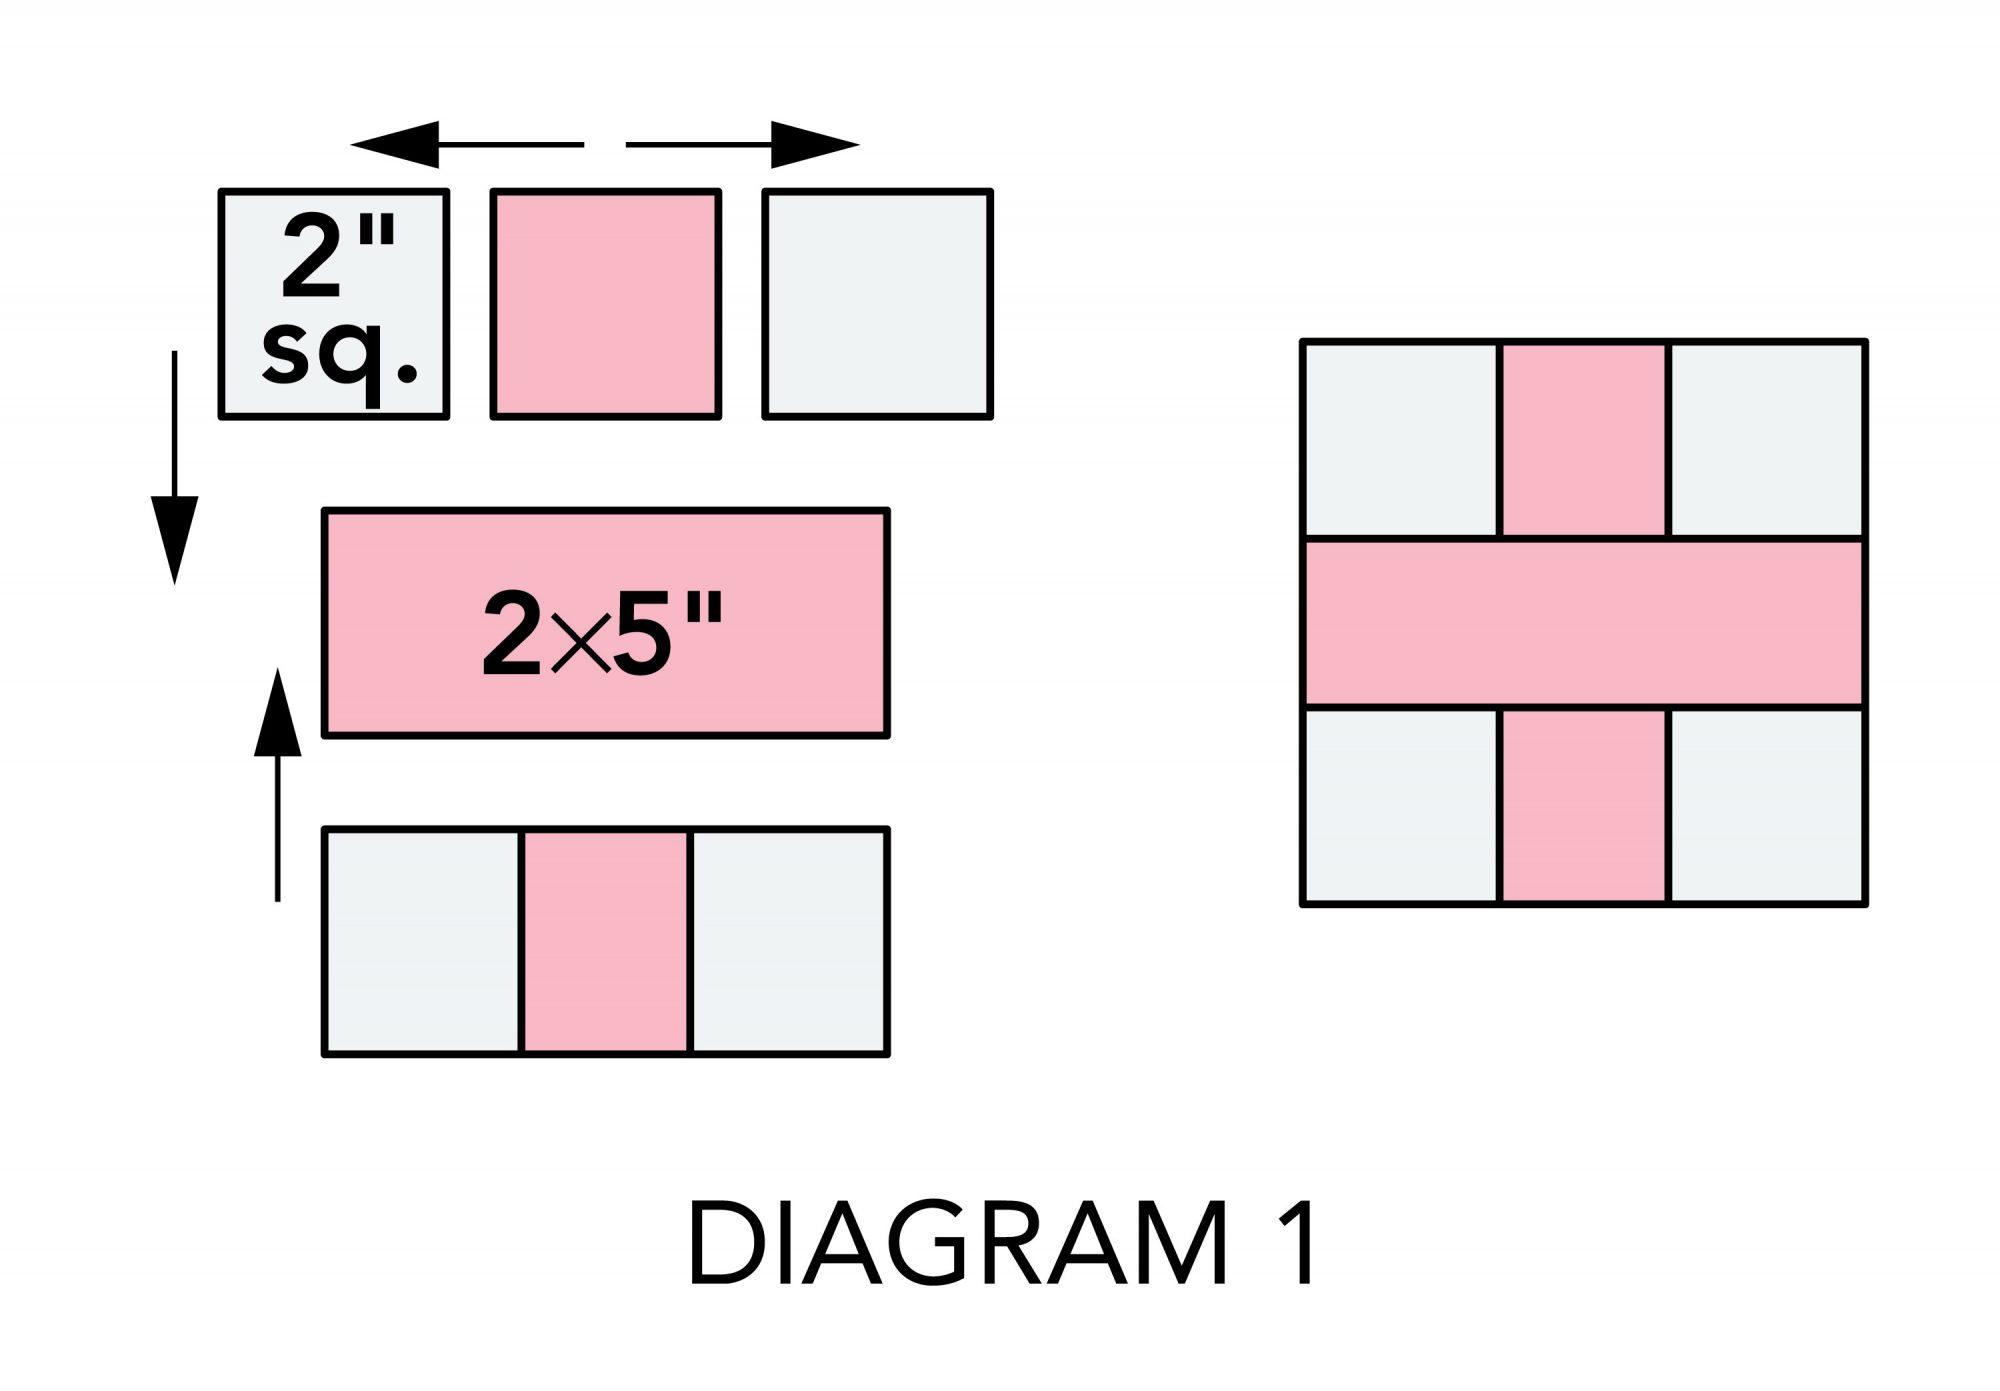 Plus Pincushions diagram 1